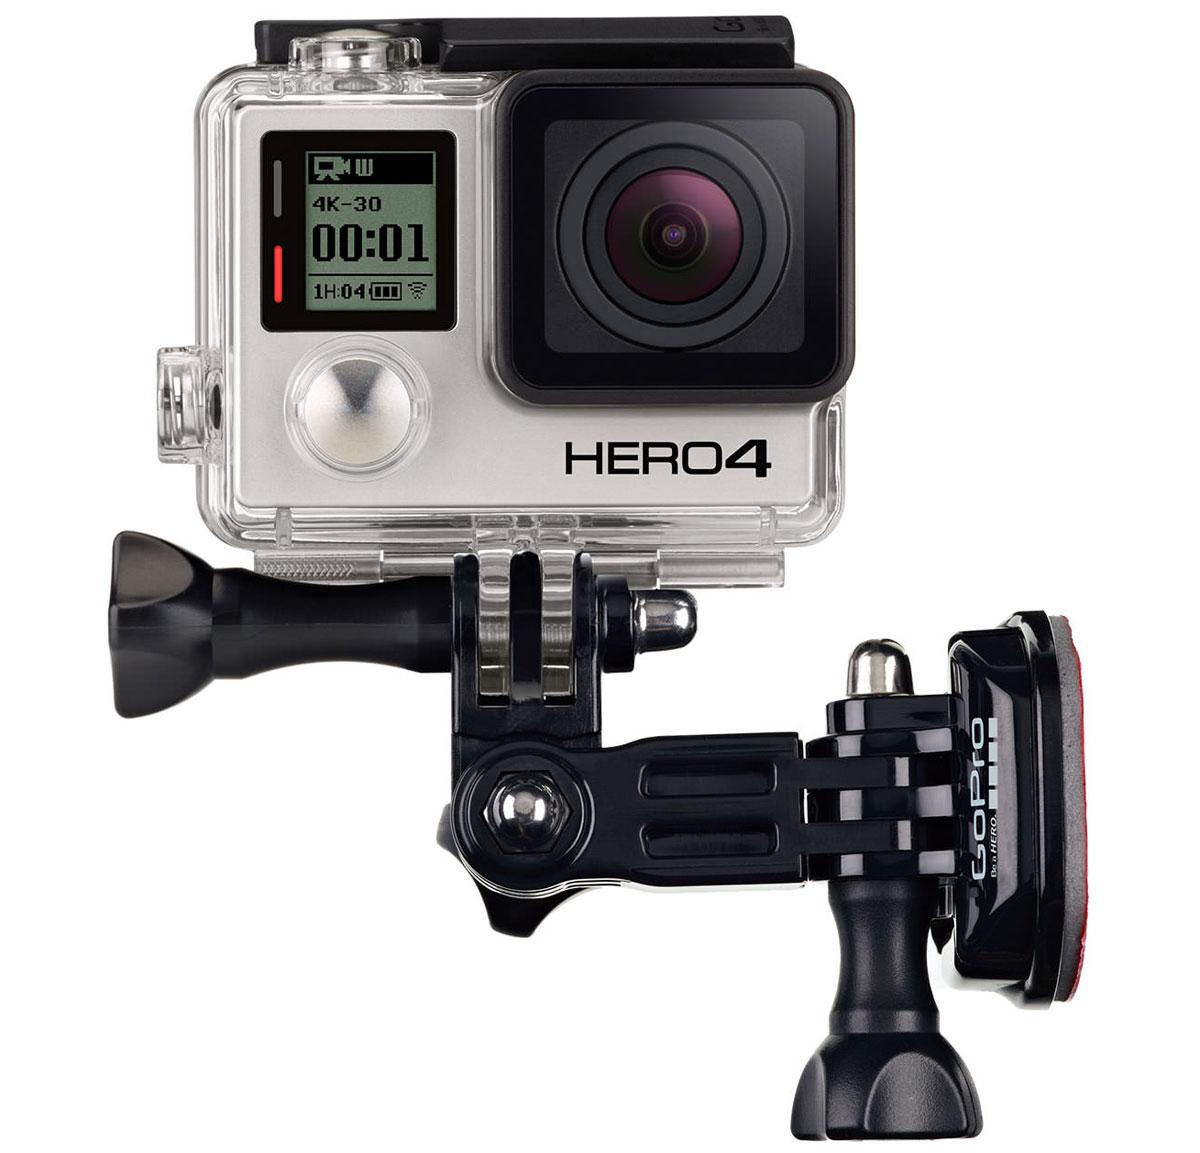 GoPro Side Mount боковое креплениеAHEDM-001Side Mount - крепление для надежной фиксации вашей камеры GoPro с боковой стороны шлема, транспортного средства, снаряжения и другого. Позволяет снимать фото и видео, захватывая часть шлема и спортивного инвентаря. 3 степени поворота дадут вам возможность легко управлять съемкой, направлять видеокамеру в любую сторону.